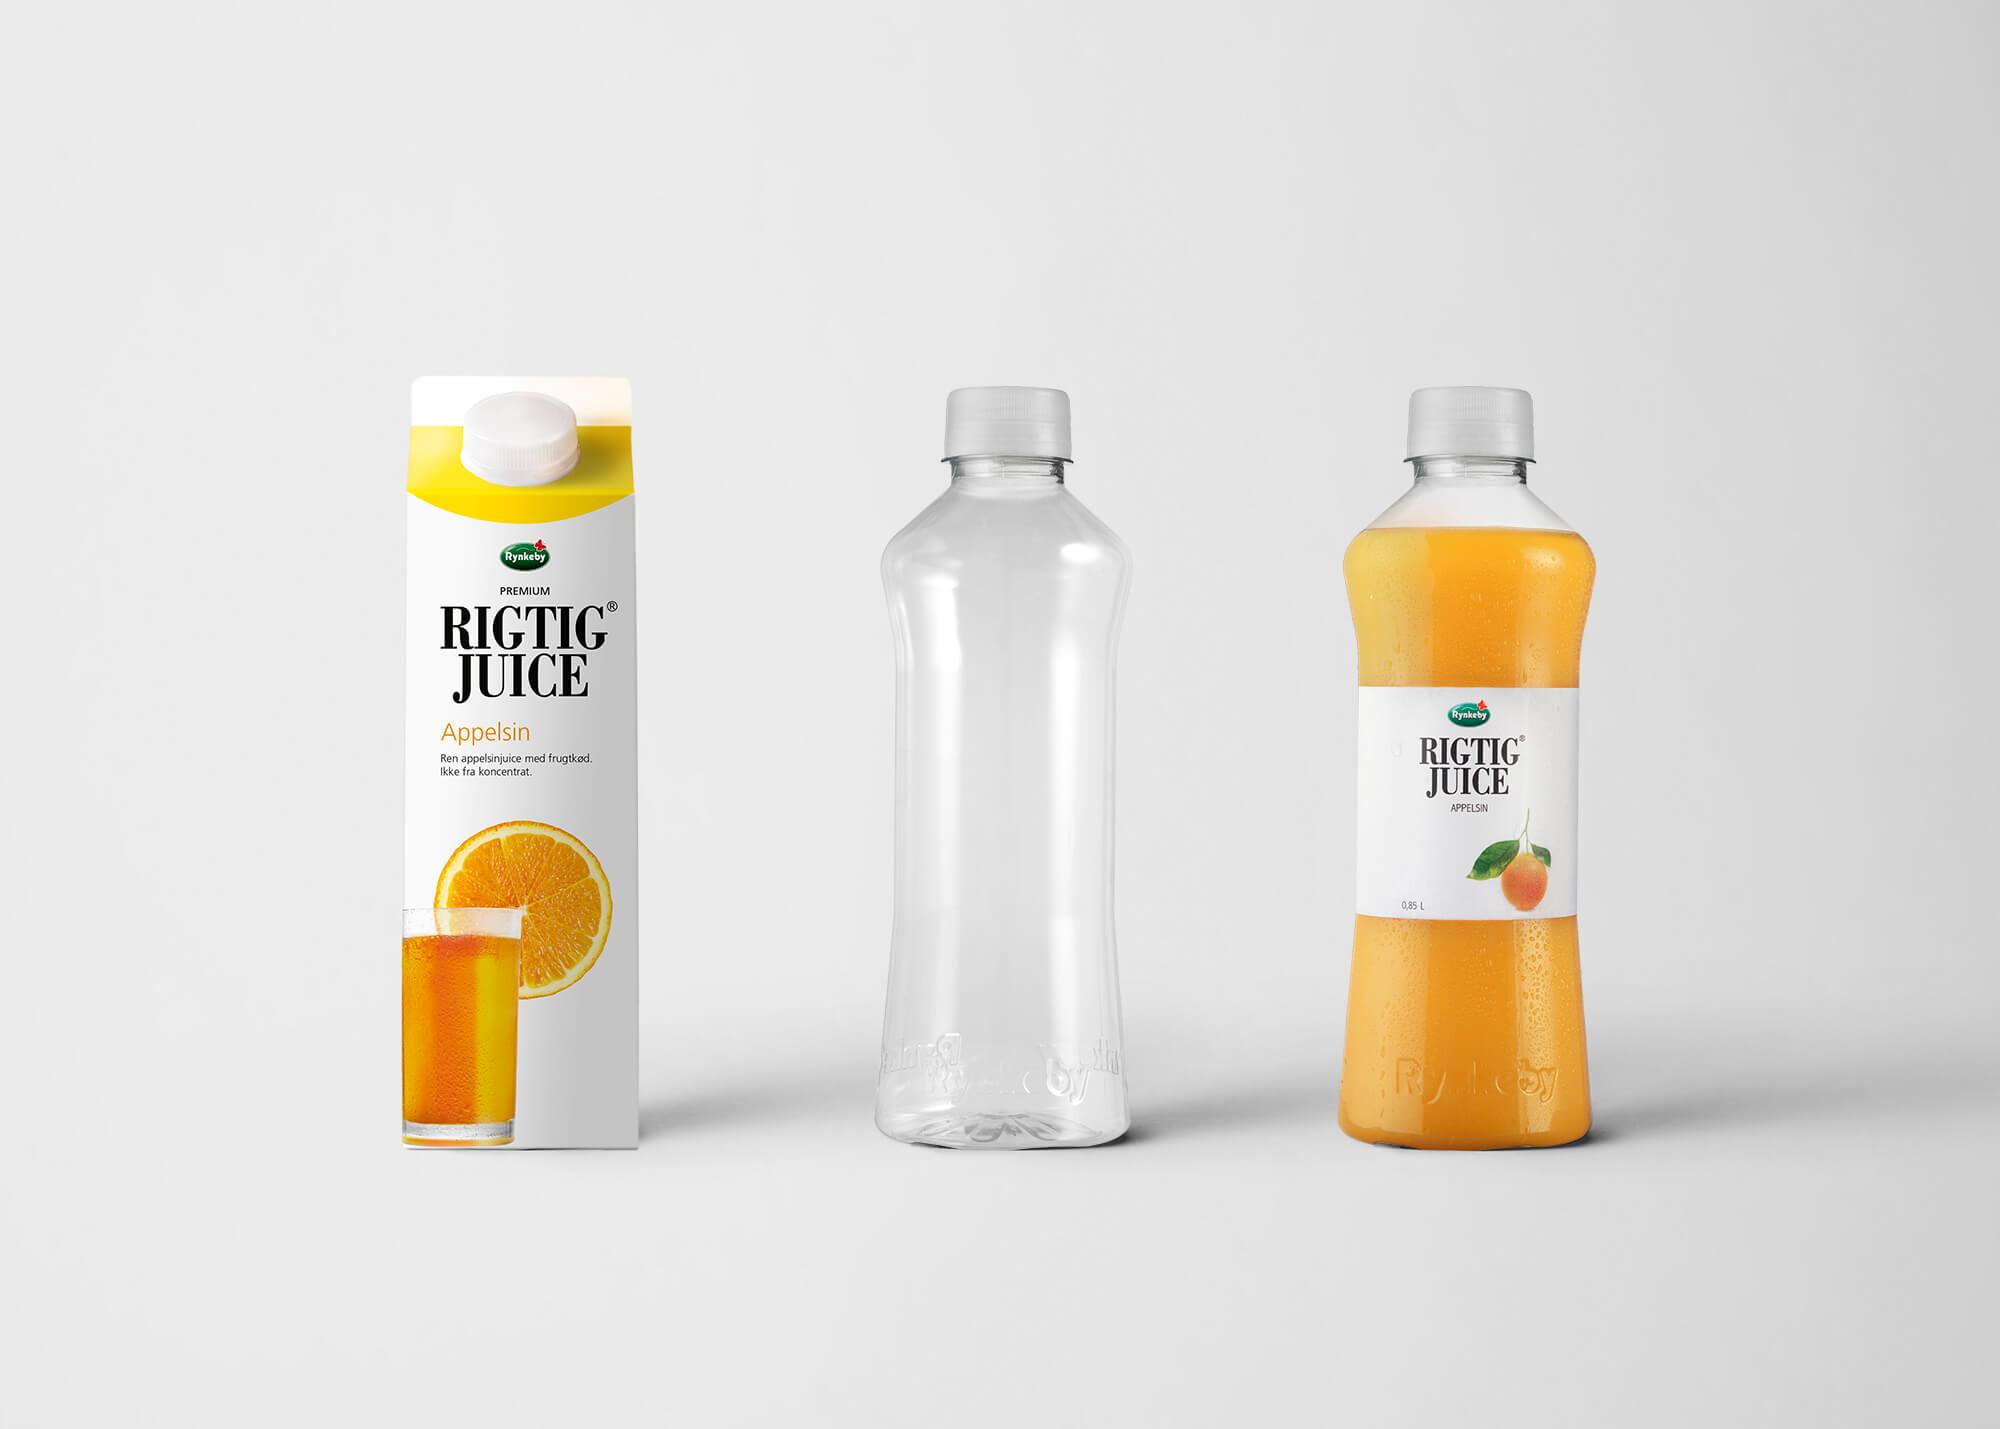 rigtig_juice_miljoe_3